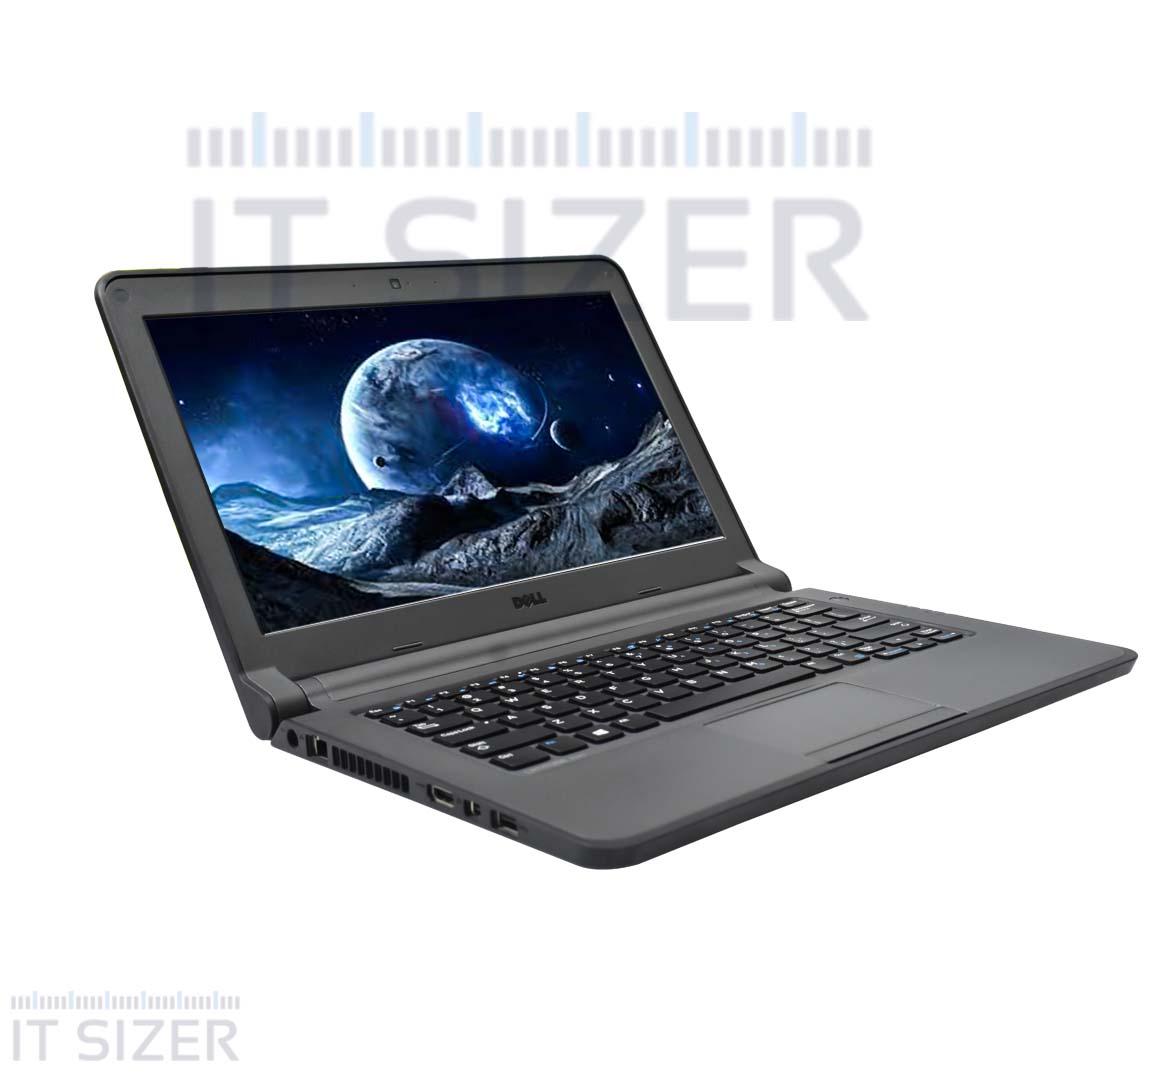 Dell Latitude 3340 Business Laptop, Intel Core i5-4210U CPU, 8GB DDR3L SODIMM RAM, 256GB SSD 2.5, 13 inch Display, Windows 10 pro (Renewed)